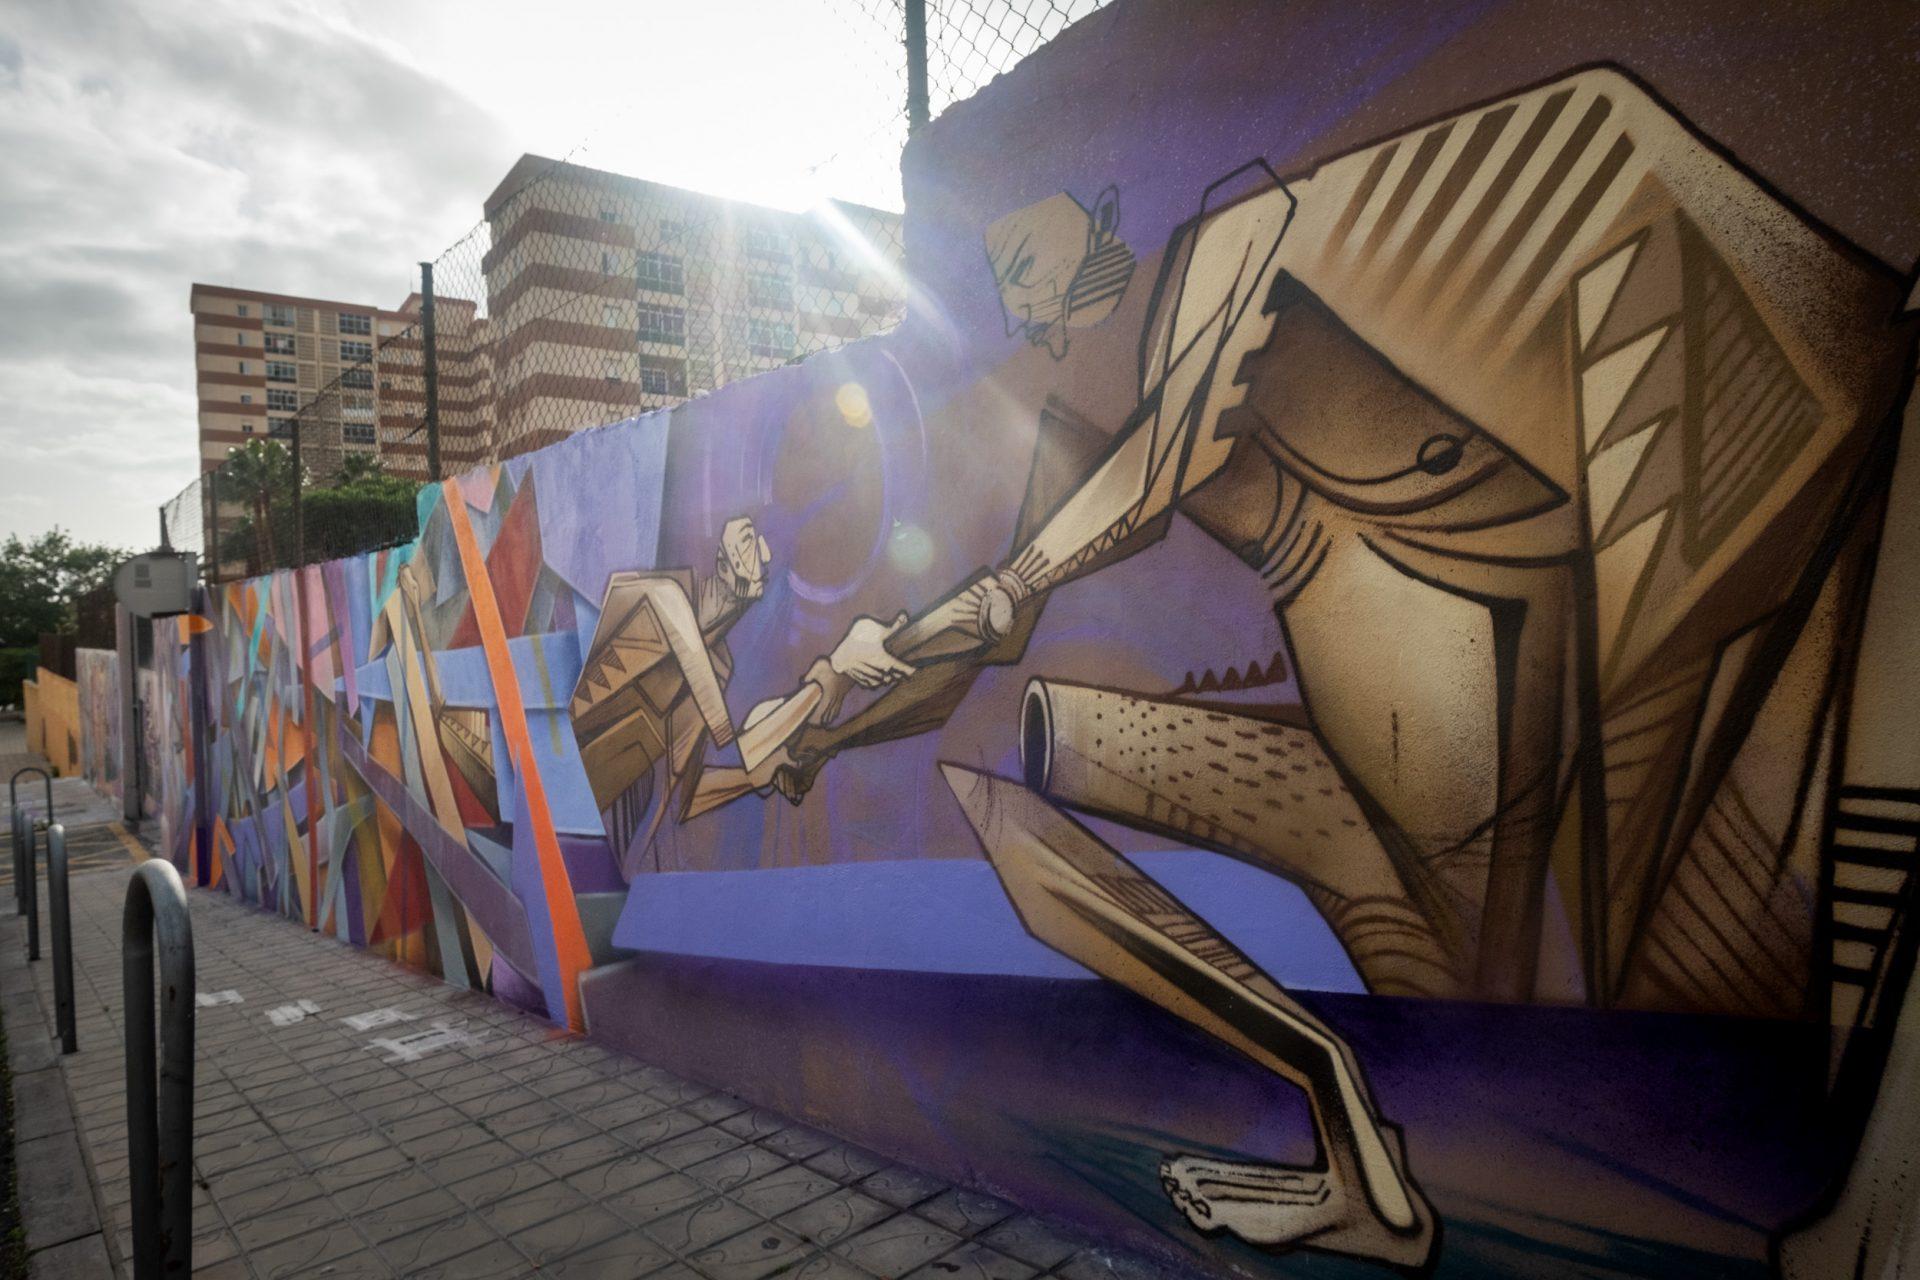 La ayuda al migrante que se juega la vida por llegar a las costas de Canarias está también representada en el mural. FRAN PALLERO